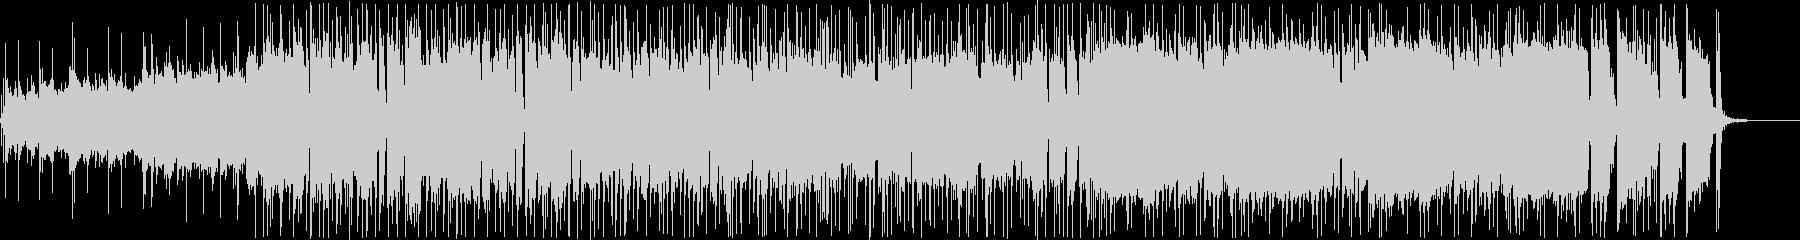 ノリがよくてシンプルなロックの未再生の波形